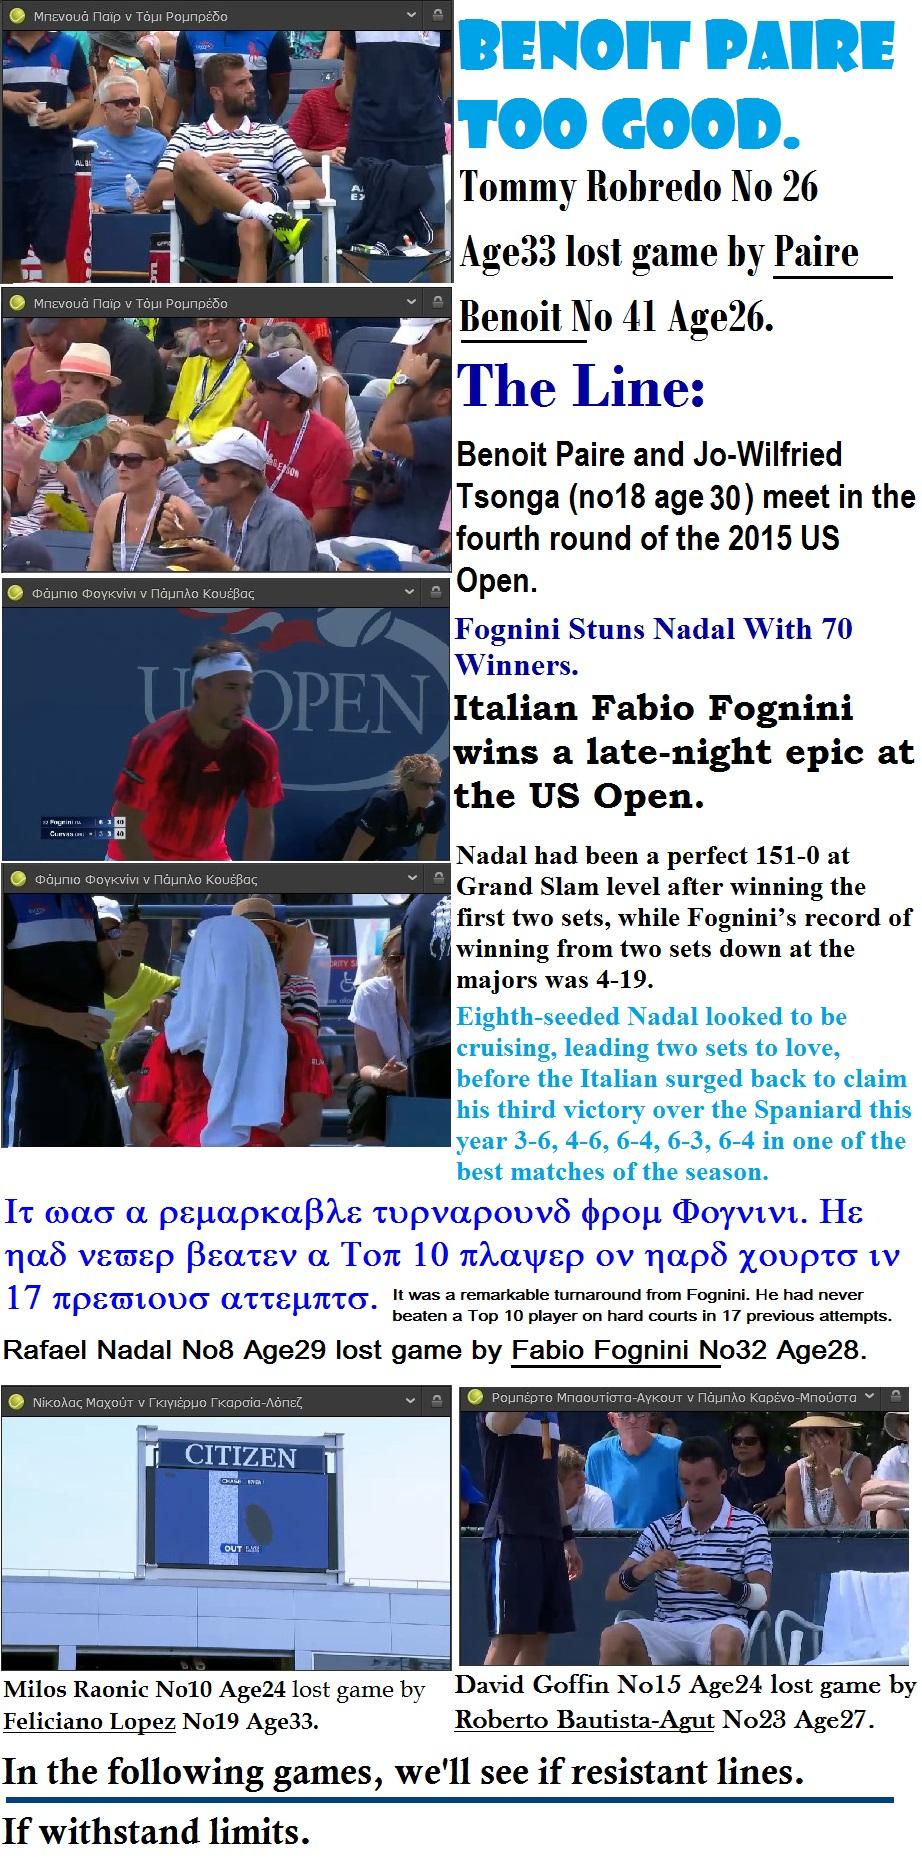 TENNIS USA GRAND SLAM OPEN US third round PAIRE FOGNINI LOPEZ BAUTISTA 01 050915